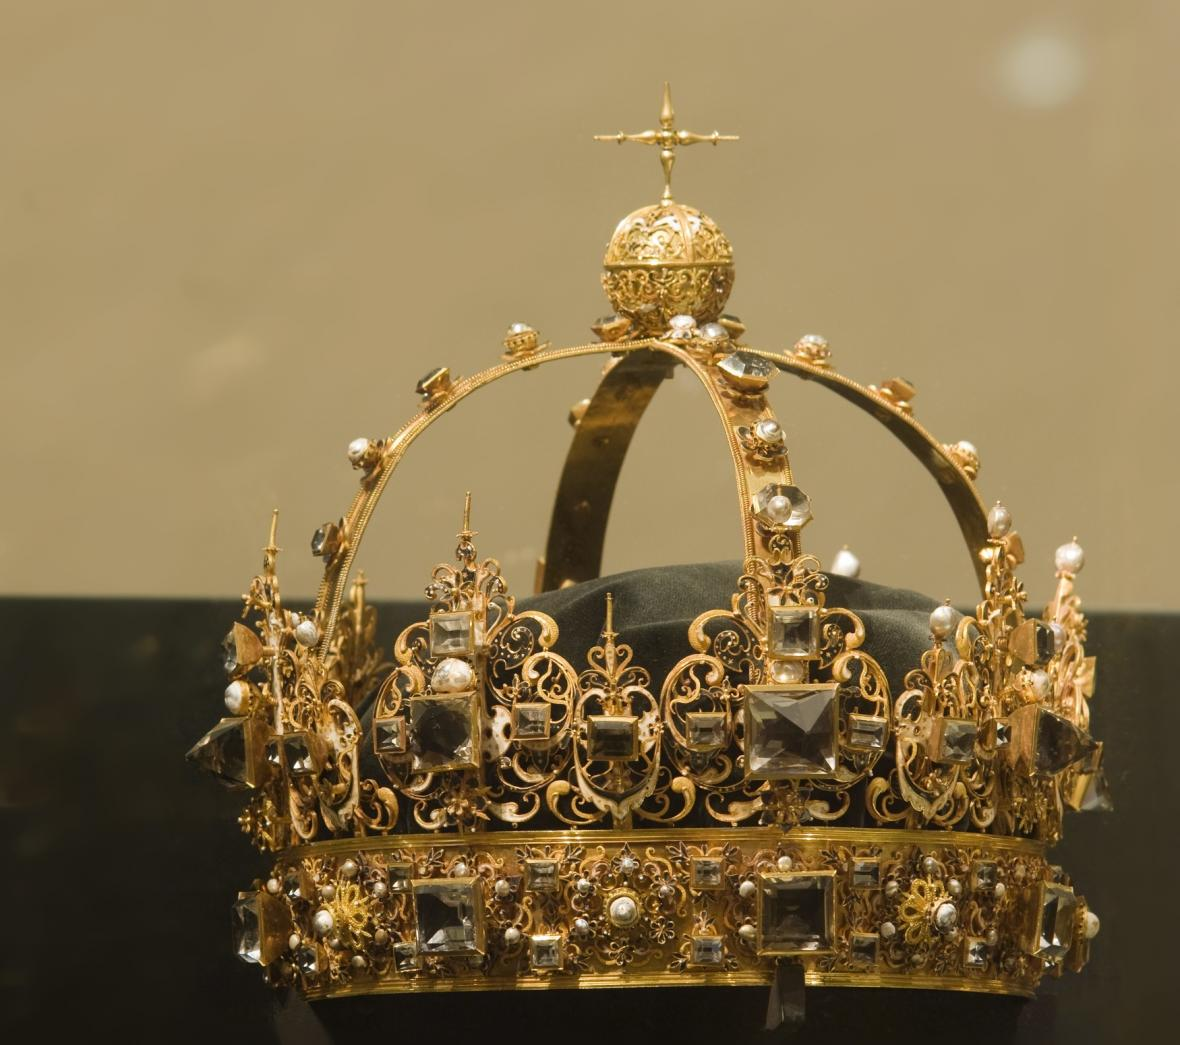 Zloději ve Švédsku ukradli královské klenoty. Policie po nich pátrá — ČT24  — Česká televize d236da6a17